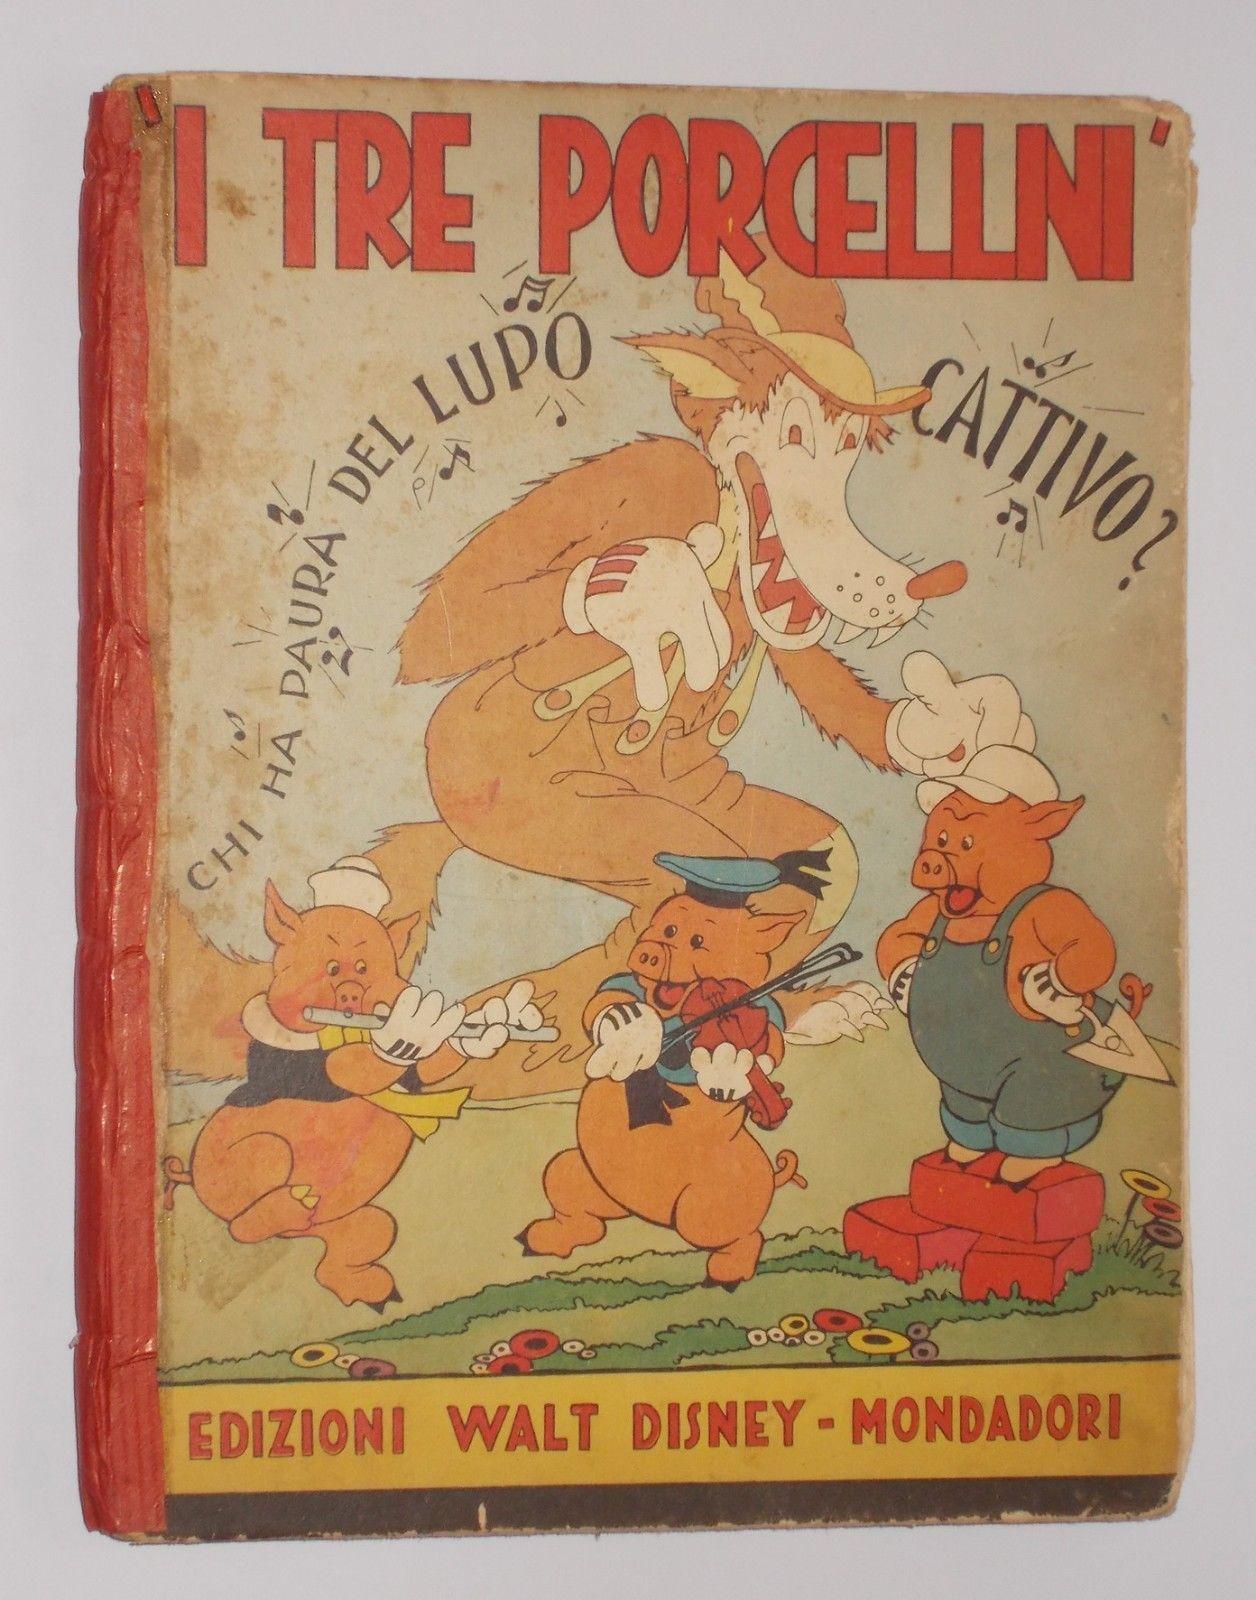 Un numero del 1935 di I tre porcellini